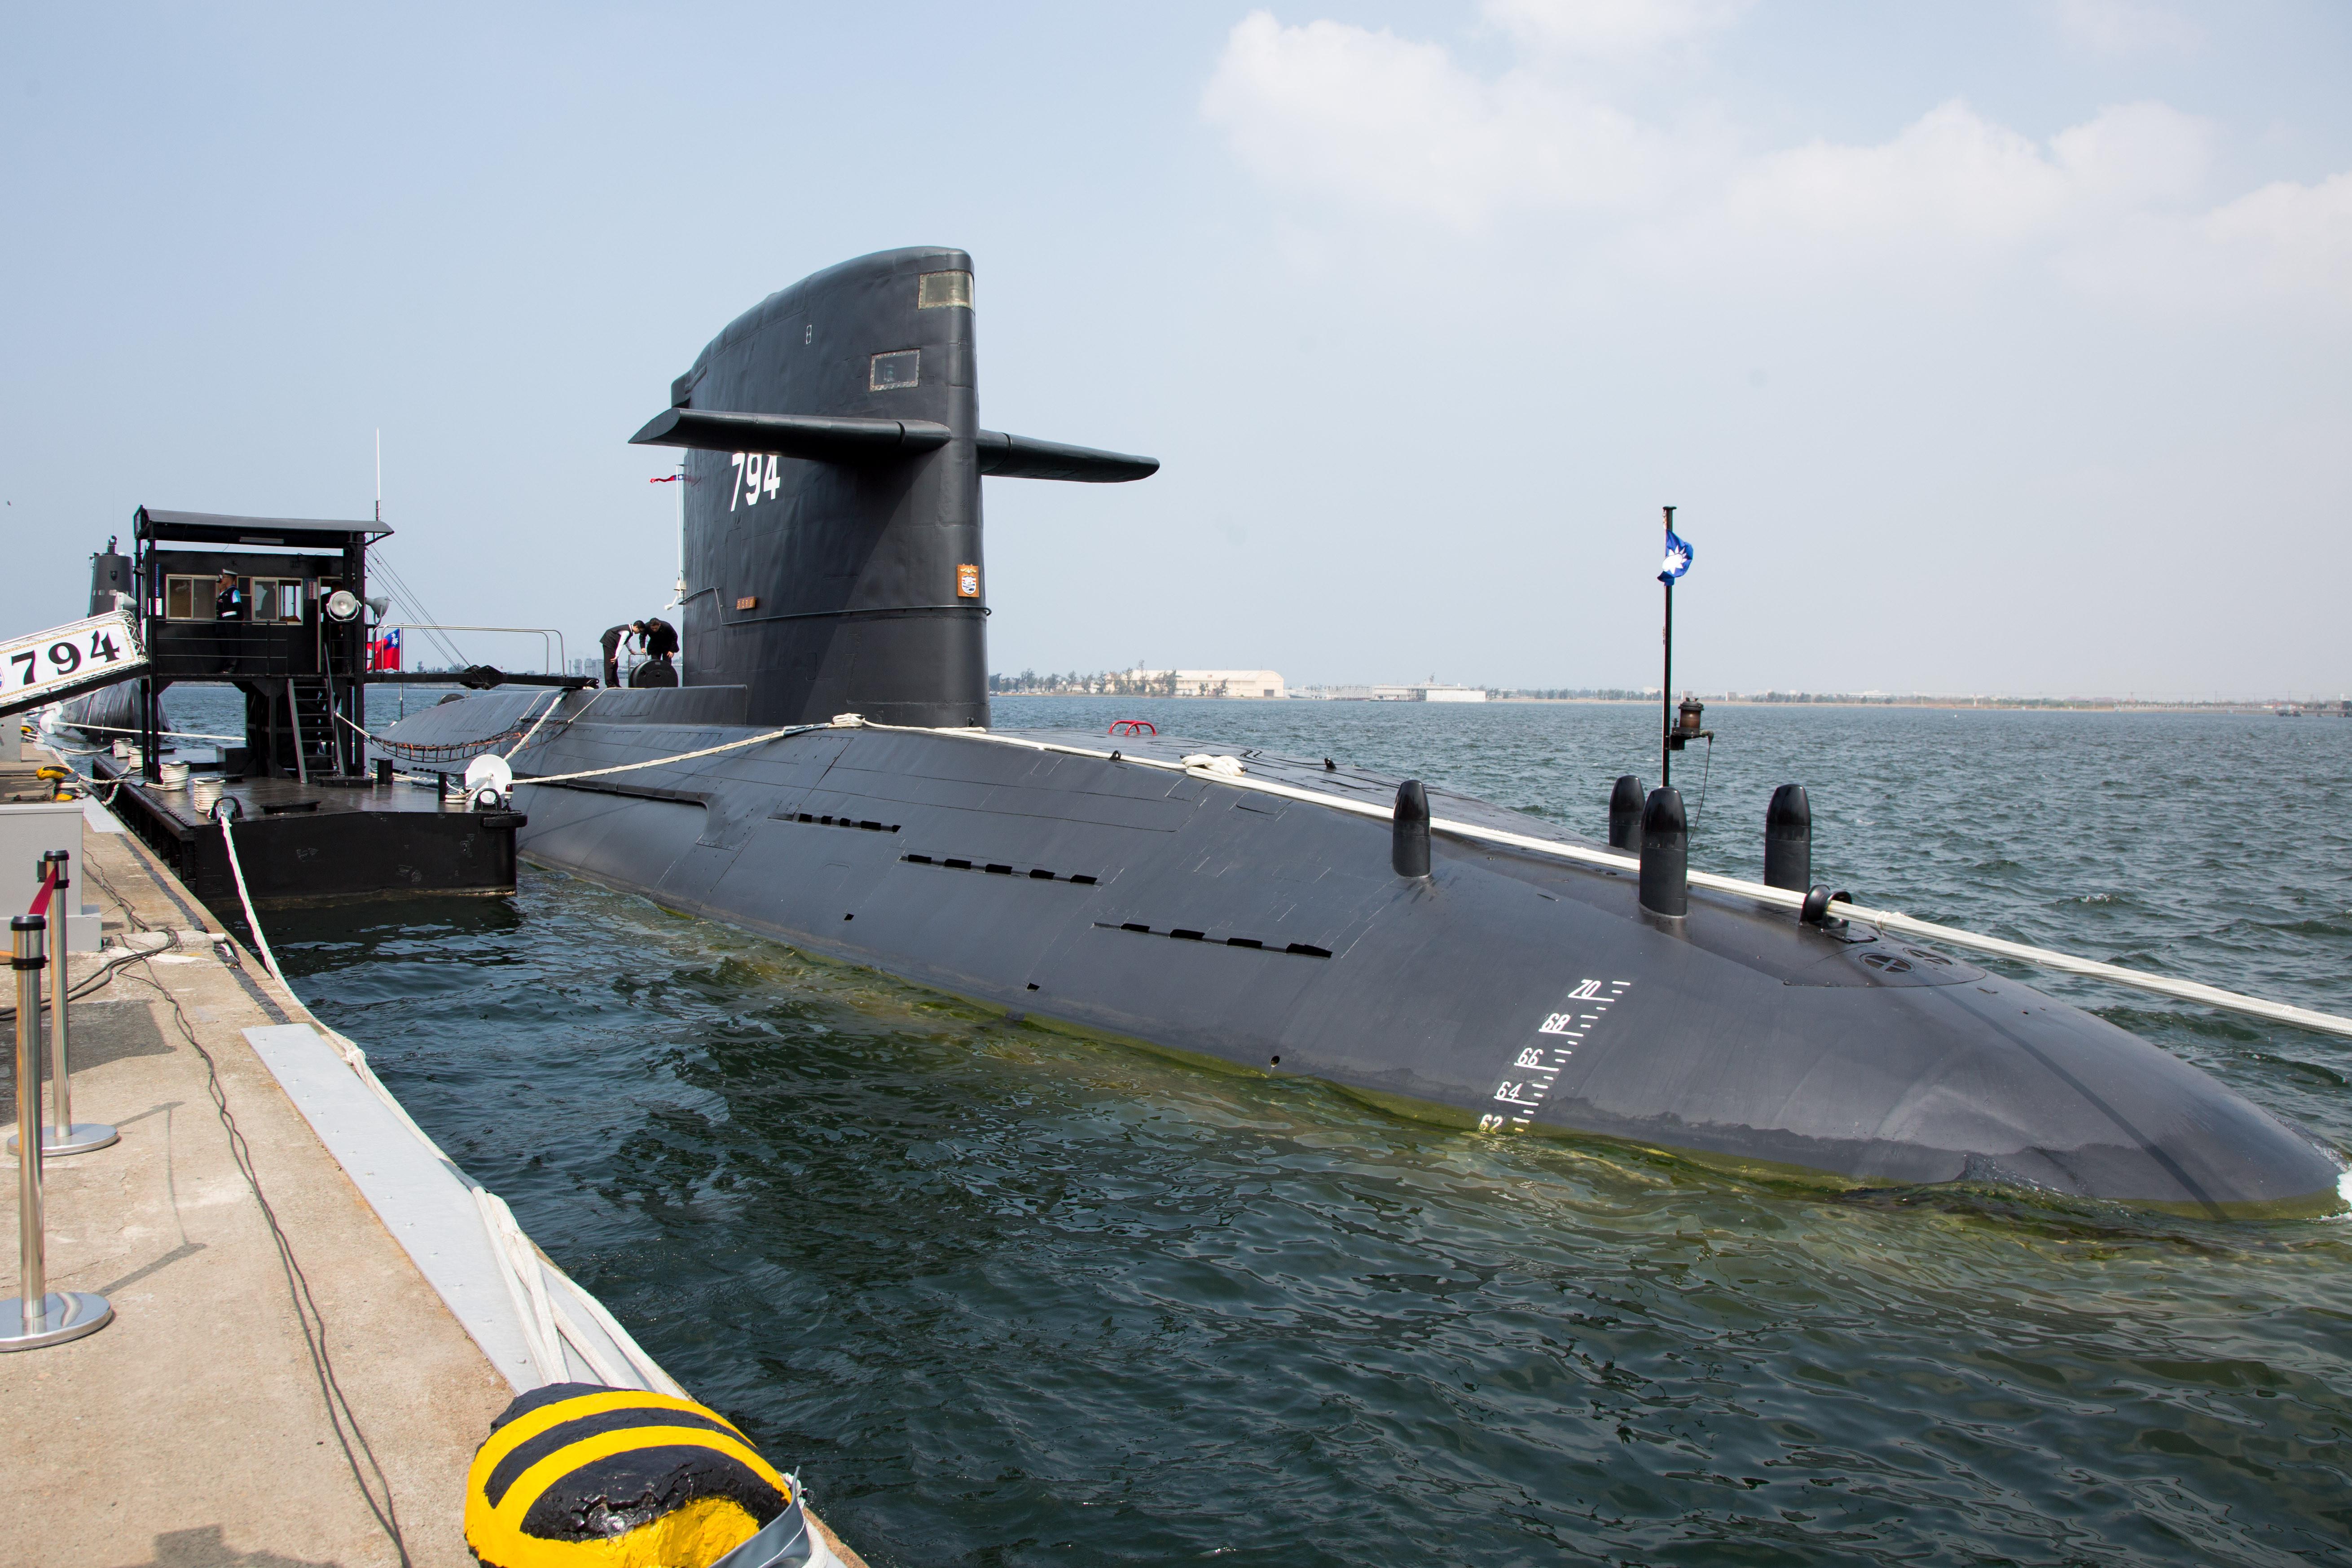 海军敦支启航欢送暨潜舰国造设计启动及合作备忘签署仪式,海虎潜舰(图